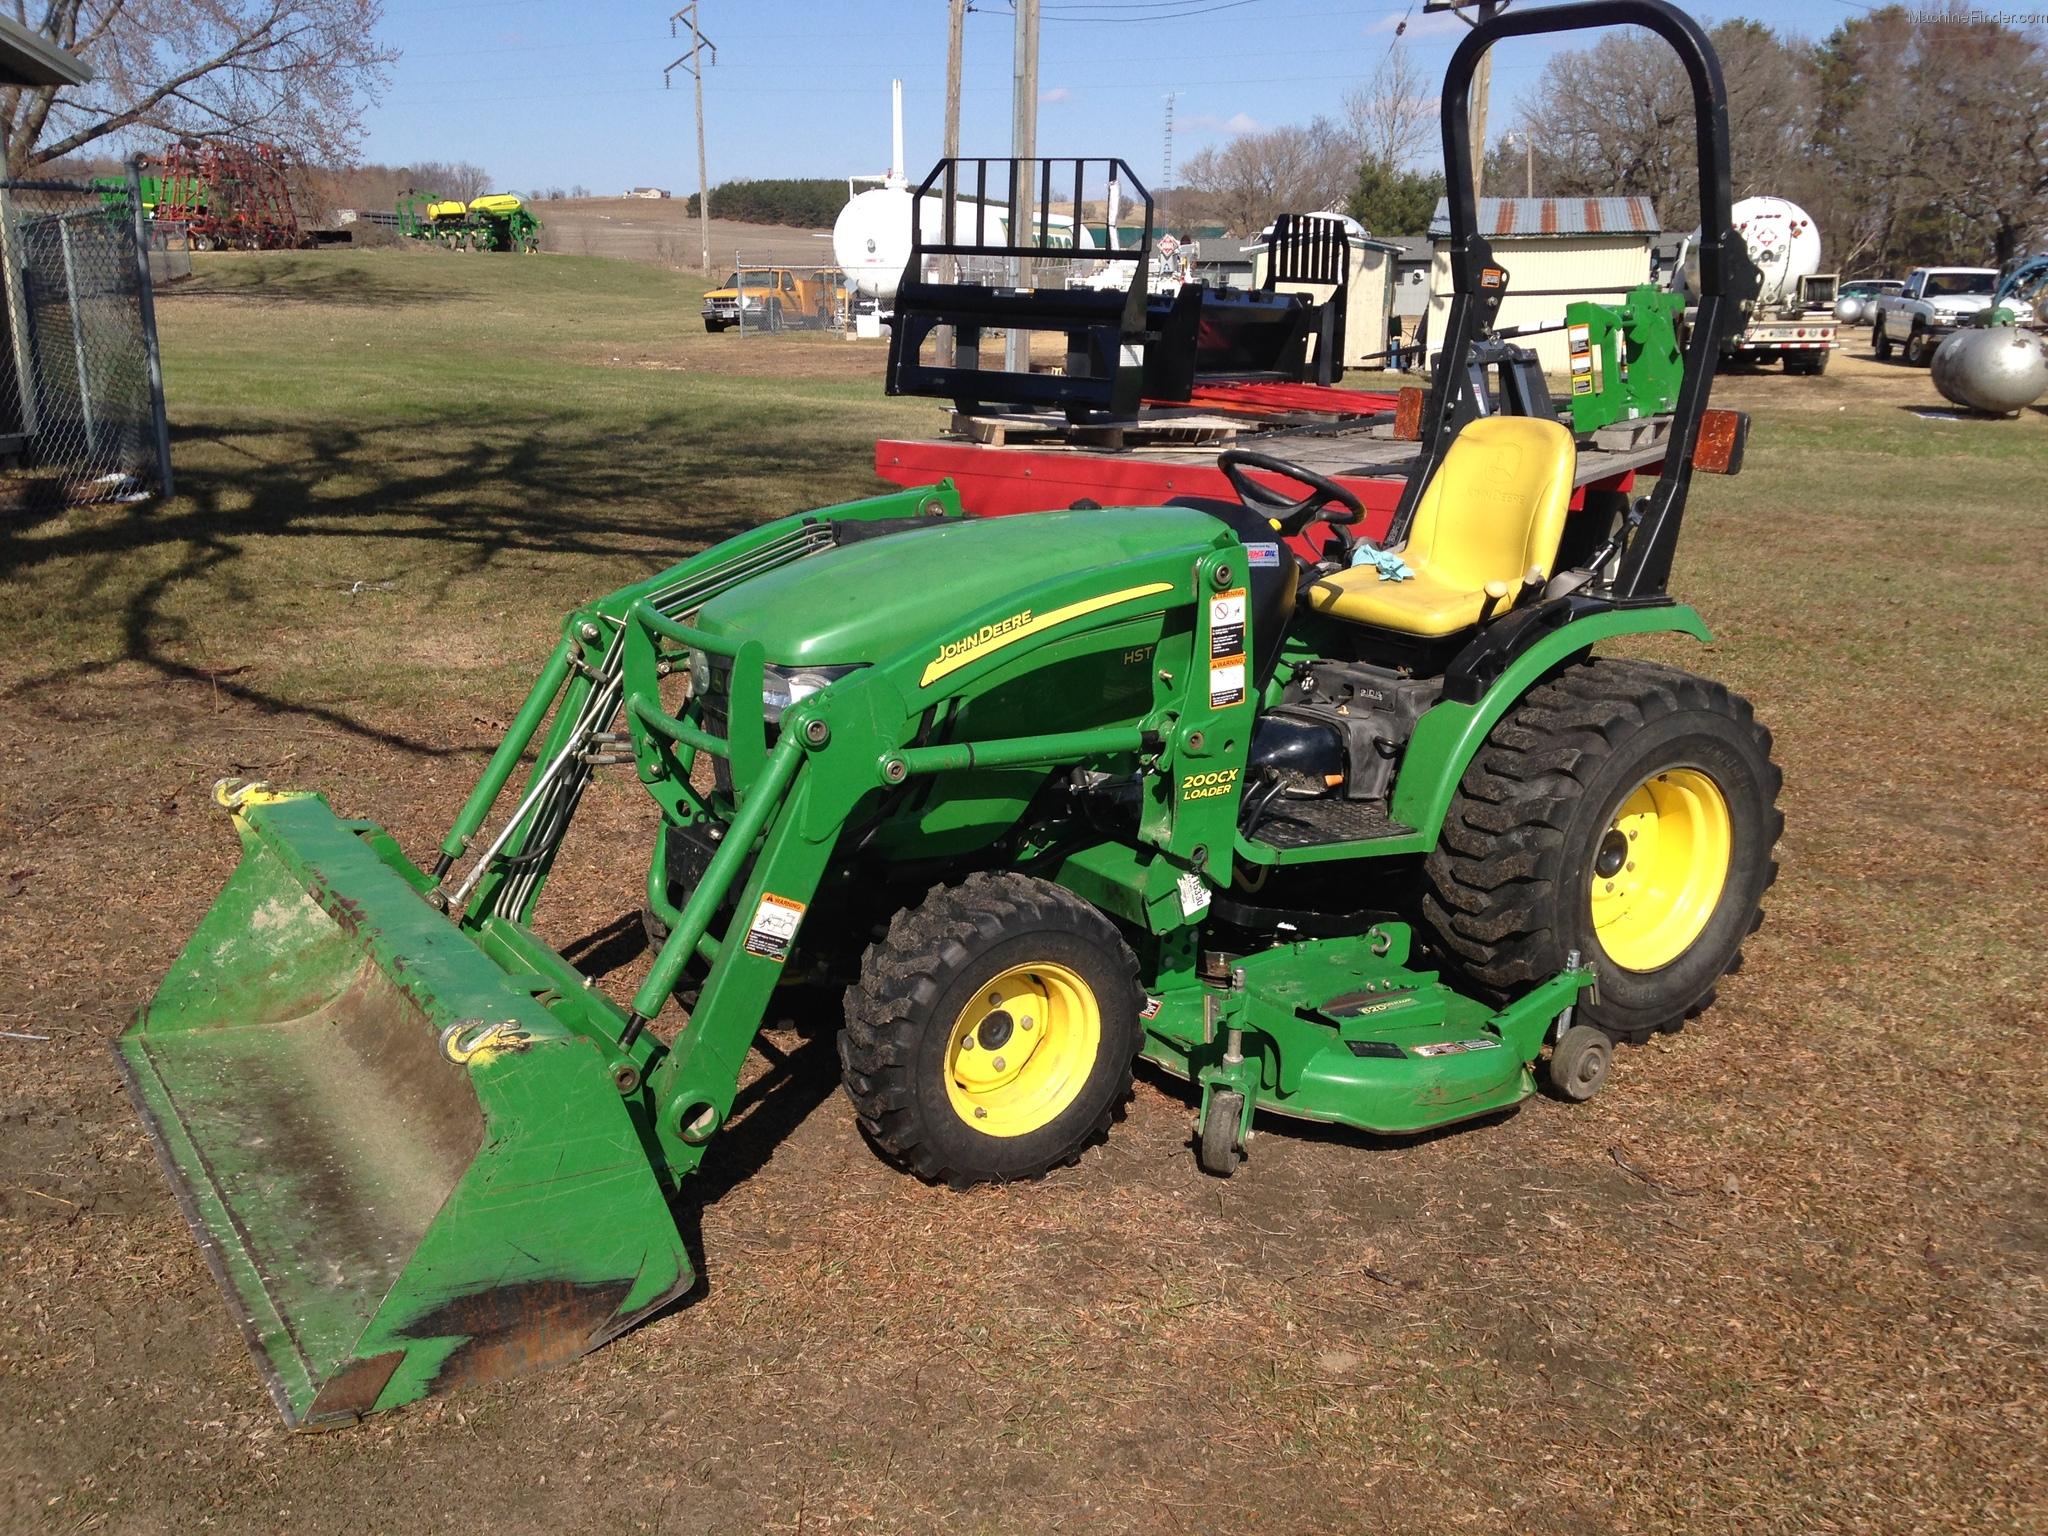 2007 John Deere 2520 Tractors - Compact (1-40hp.) - John Deere ...